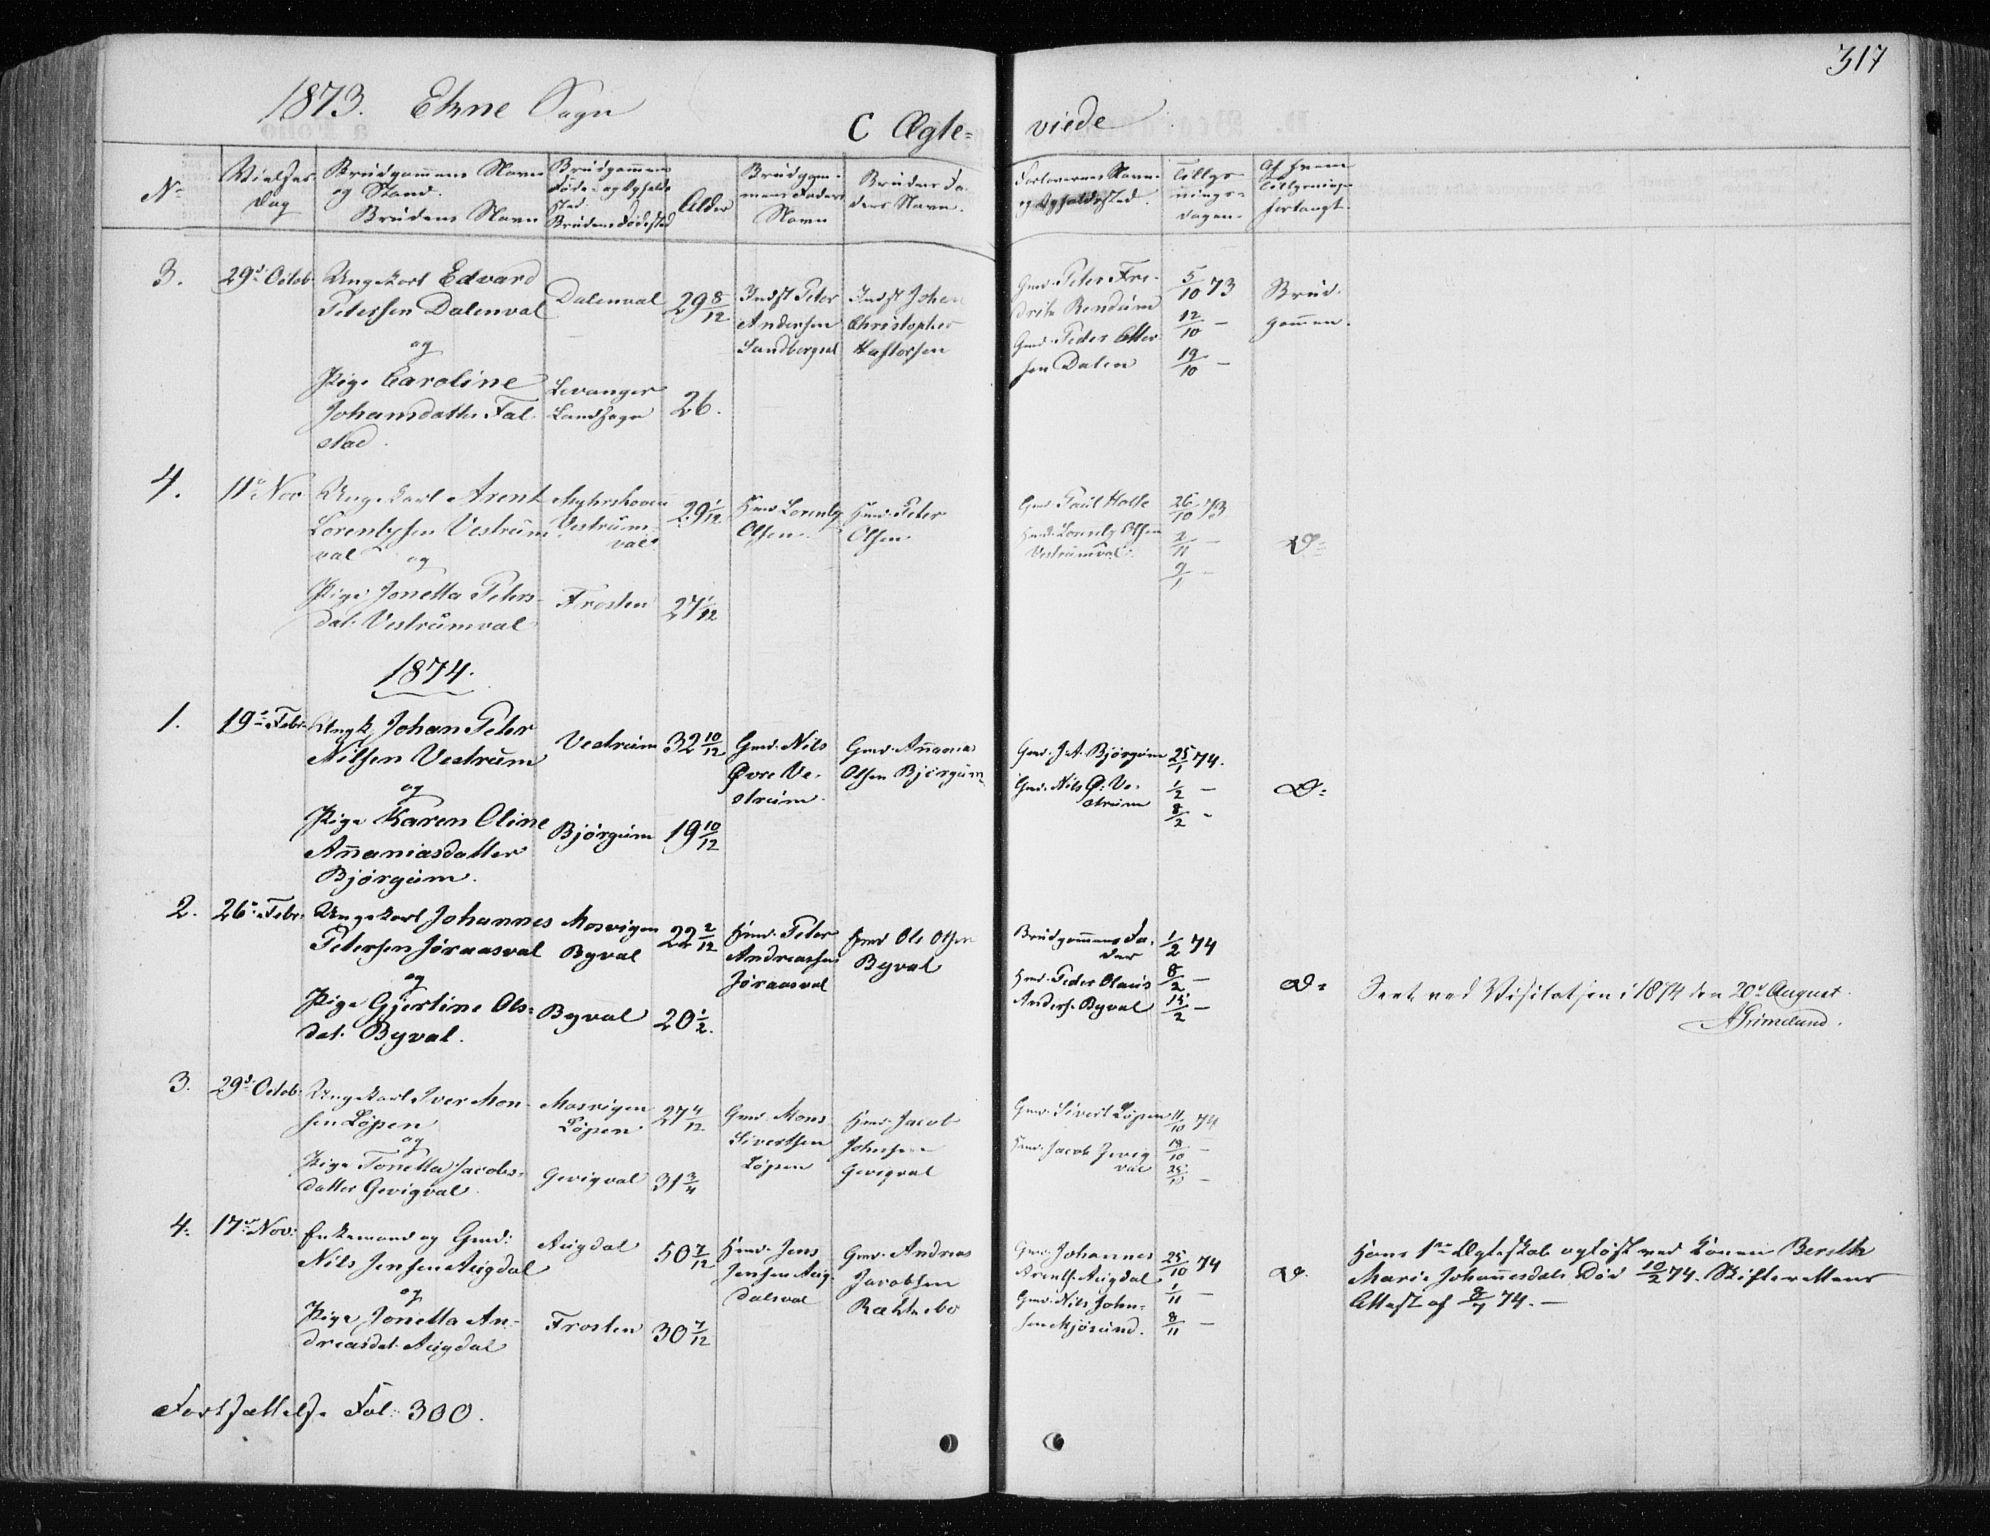 SAT, Ministerialprotokoller, klokkerbøker og fødselsregistre - Nord-Trøndelag, 717/L0158: Ministerialbok nr. 717A08 /2, 1863-1877, s. 317